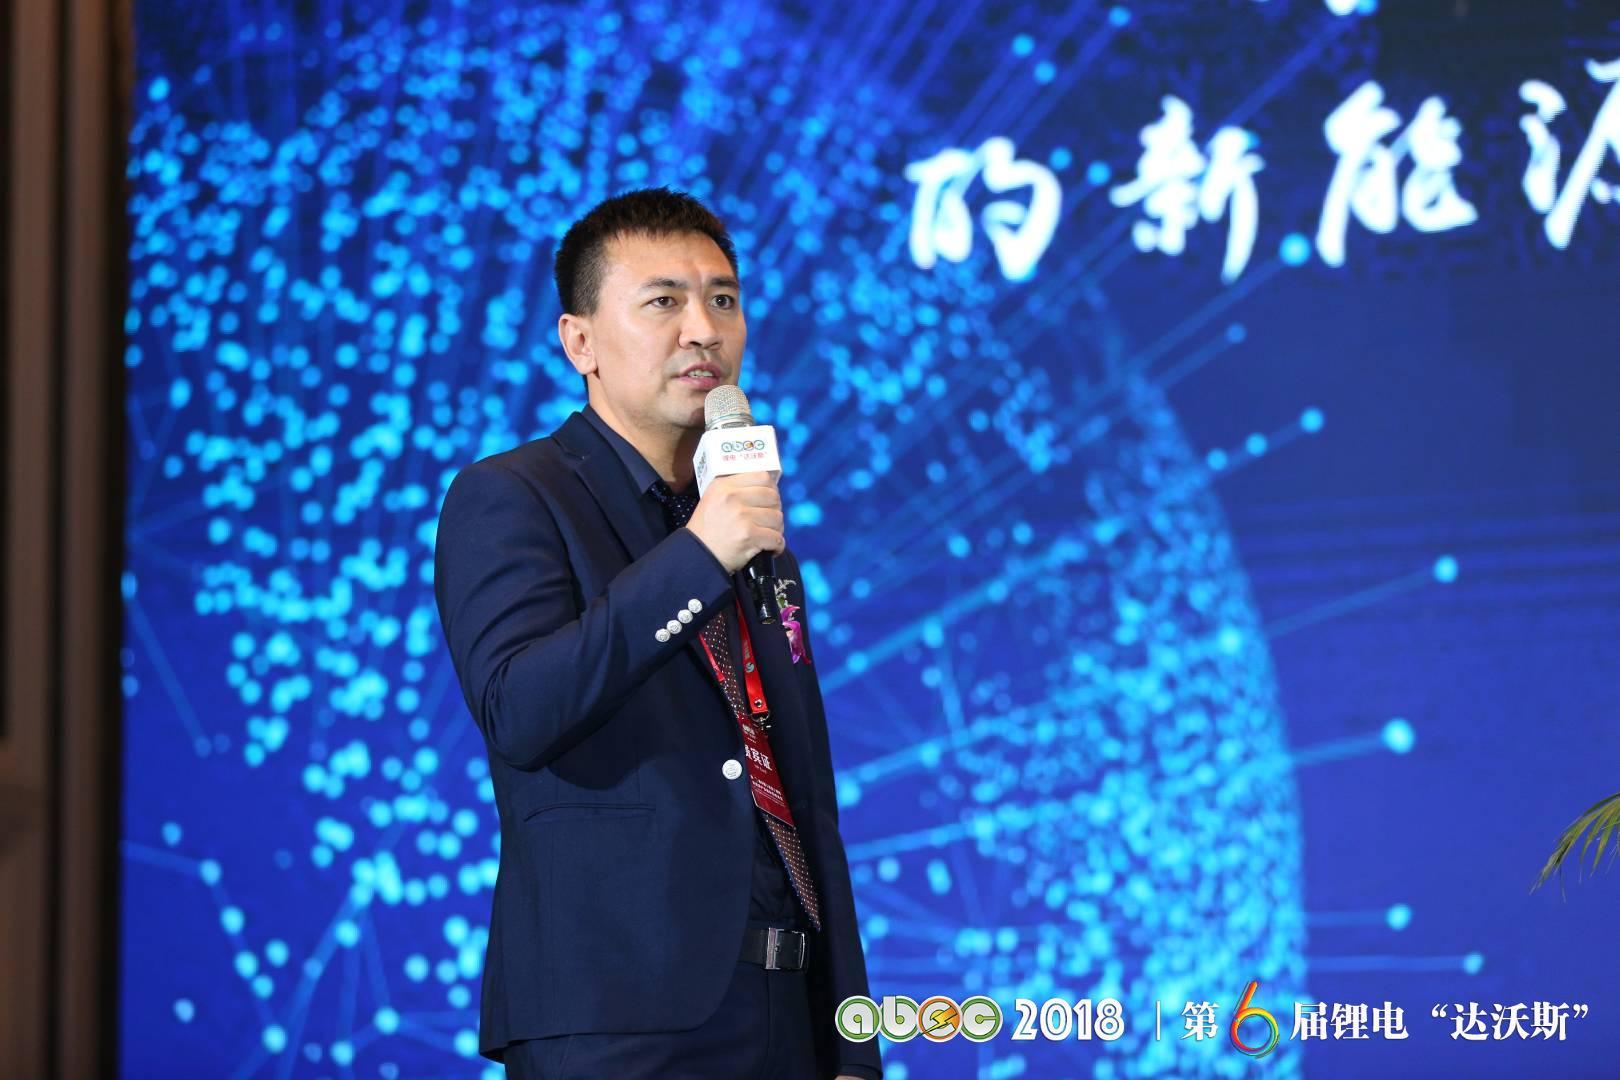 深圳市比克动力电池有限公司3C事业部总经理滕鑫